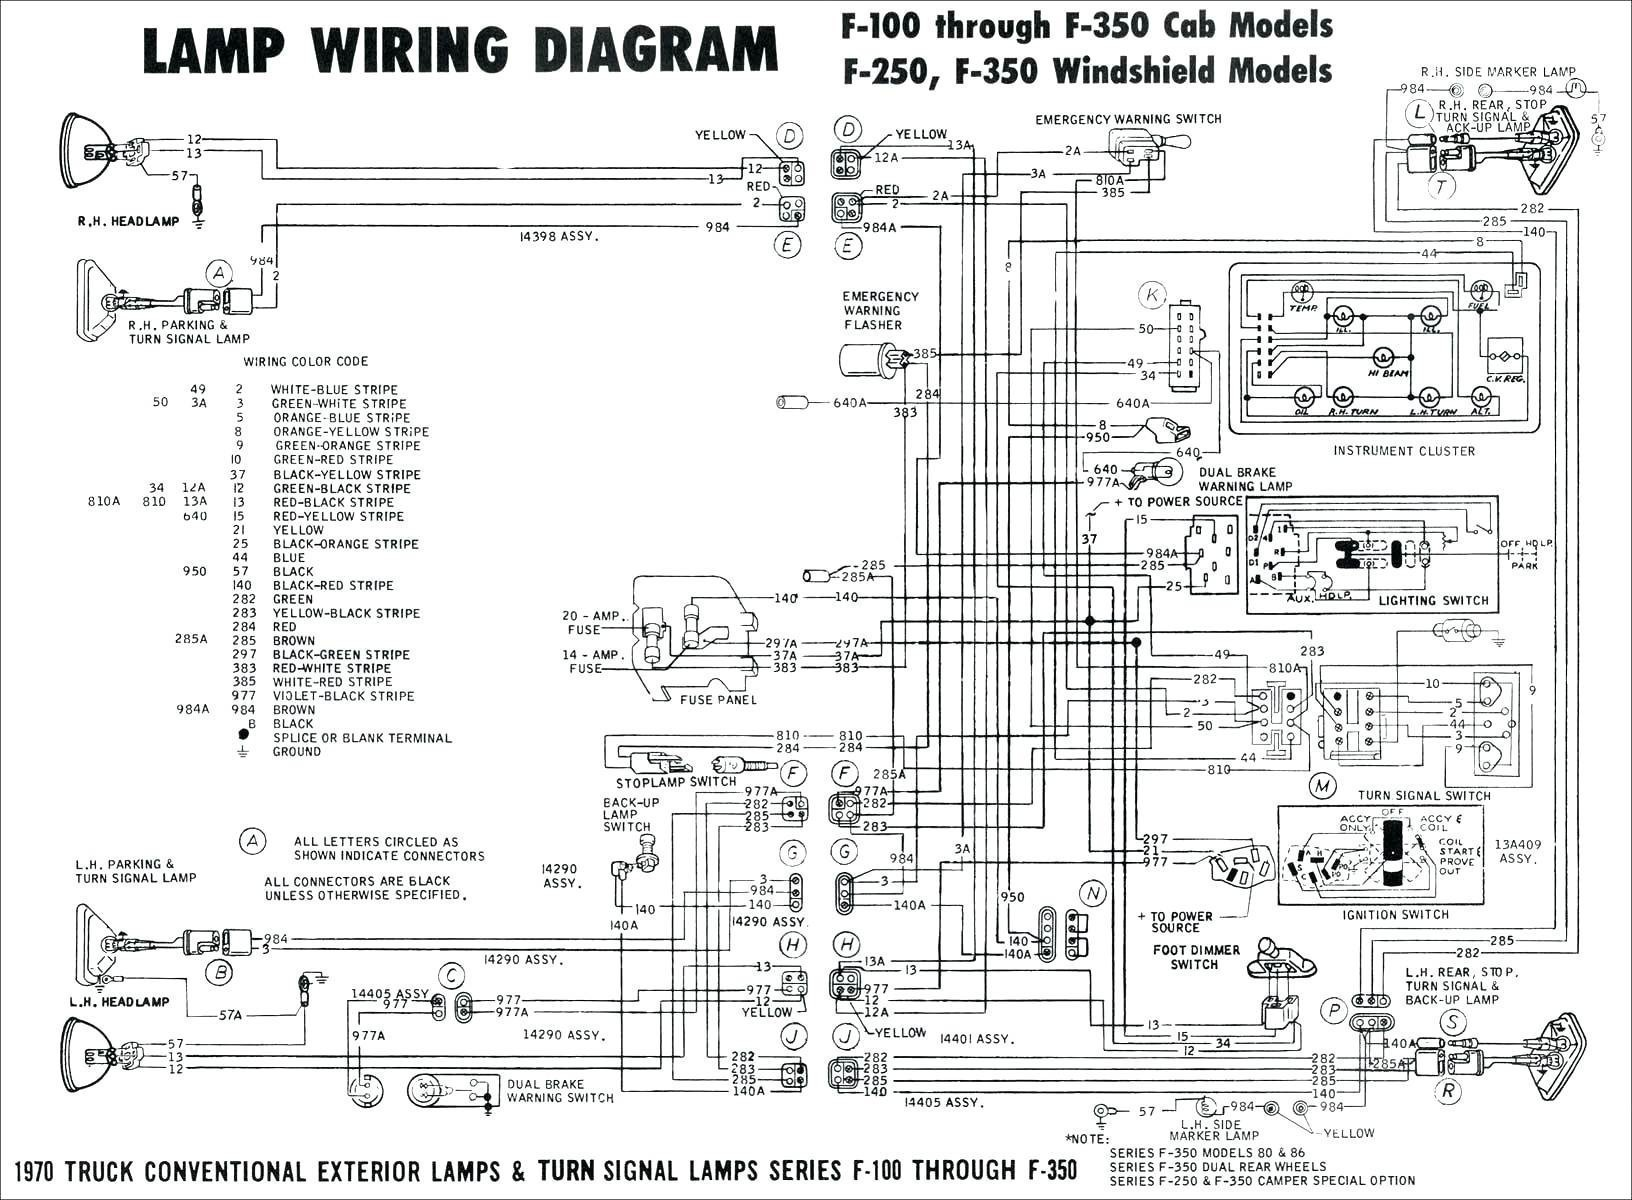 Furnace Blower Motor Wiring Diagram toyota Heater Blower Motor Wiring Diagram Real Wiring Diagram • Of Furnace Blower Motor Wiring Diagram